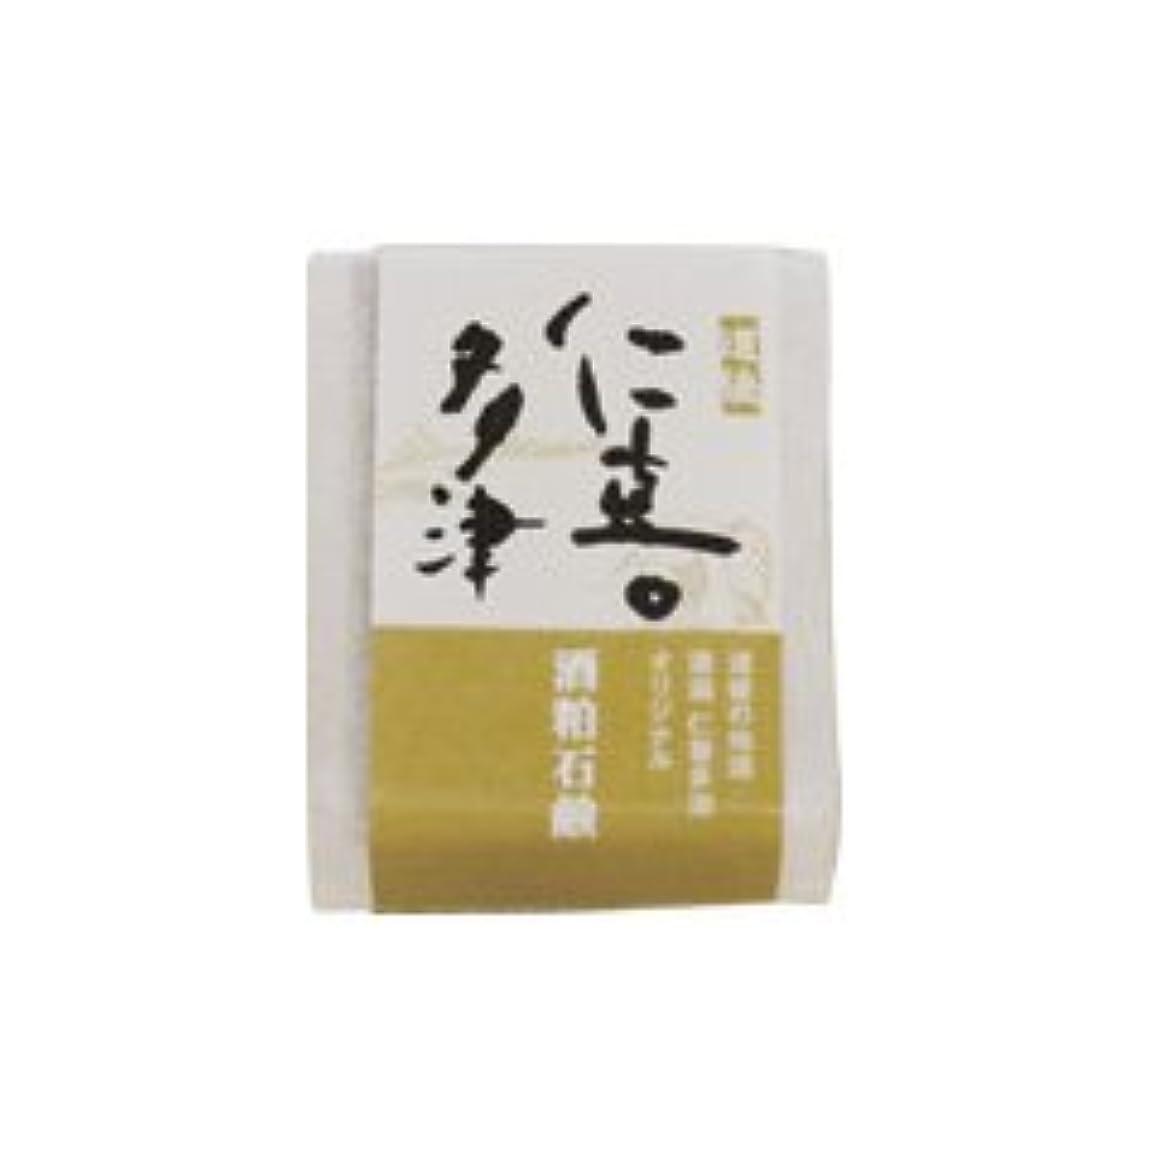 無視護衛けがをする仁喜多津 オリジナル 酒粕石鹸 60g